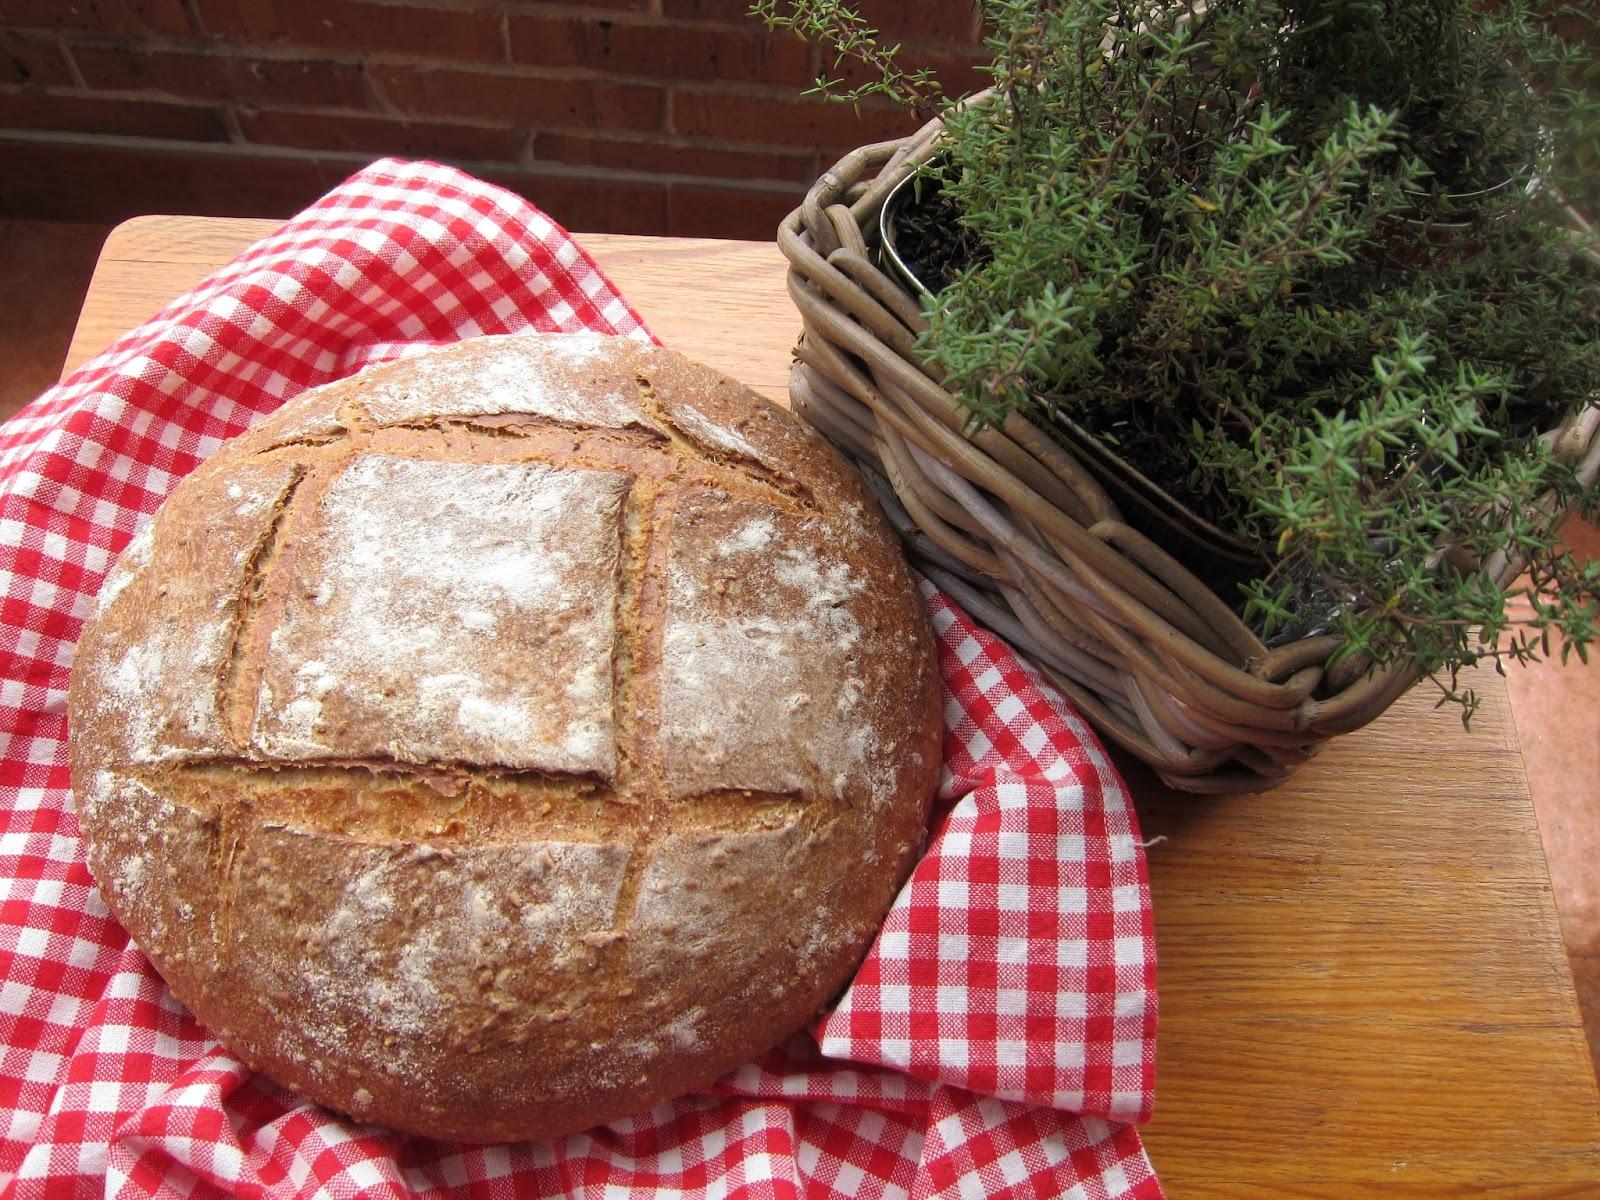 Pan de centeno con sesamo lidl